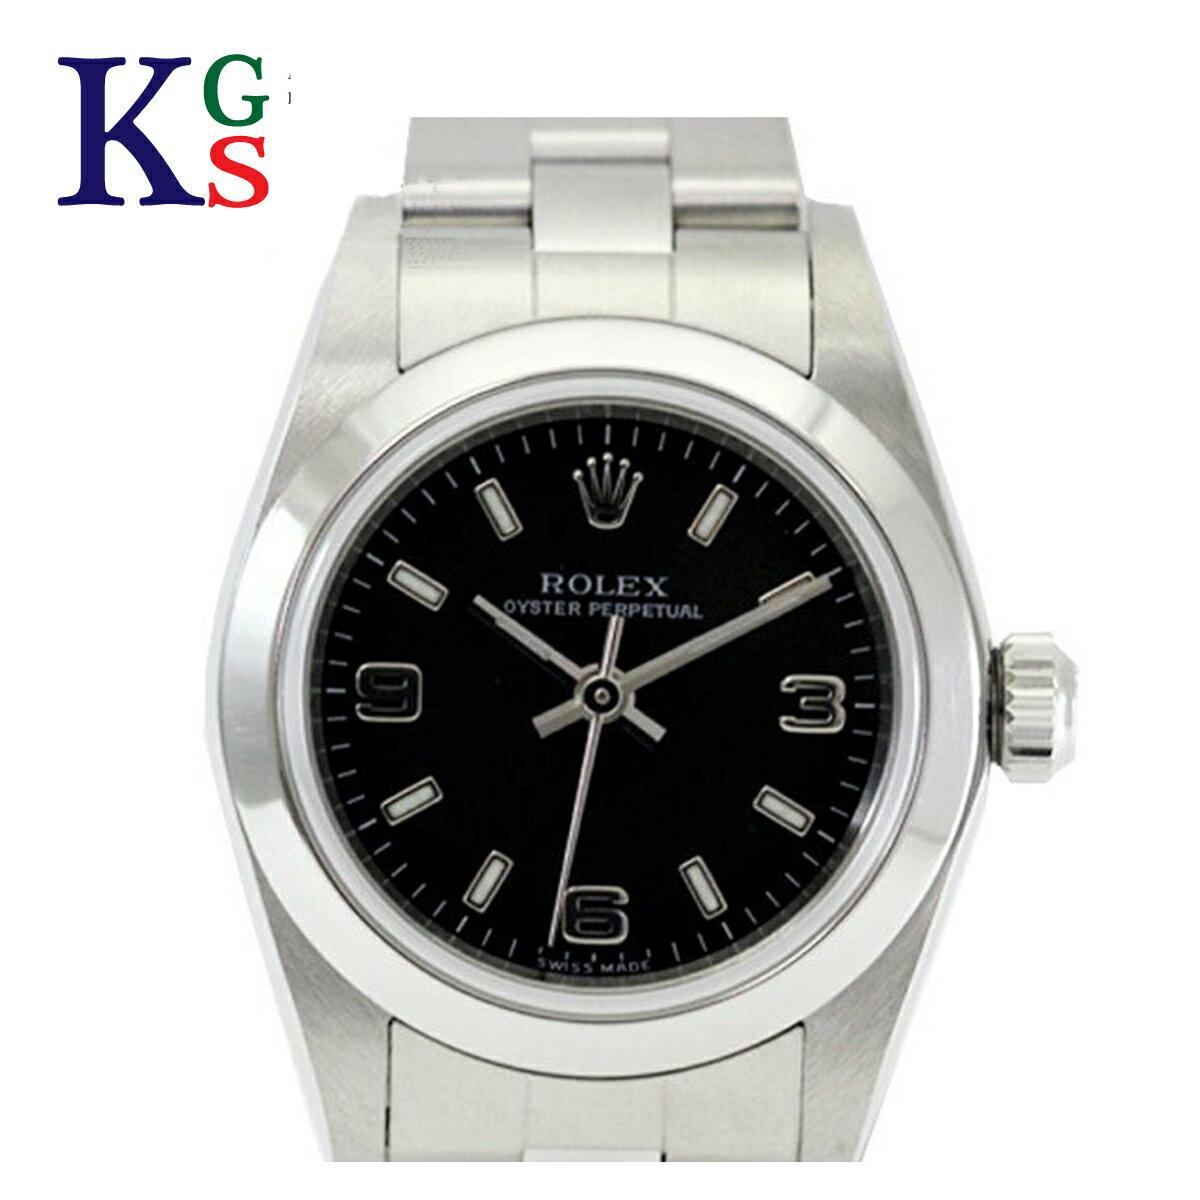 【新古品】ロレックス/ROLEX レディース 腕時計 オイスターパーペチュアル アラビアインデックス ブラック文字盤 シルバー 76080 自動巻き